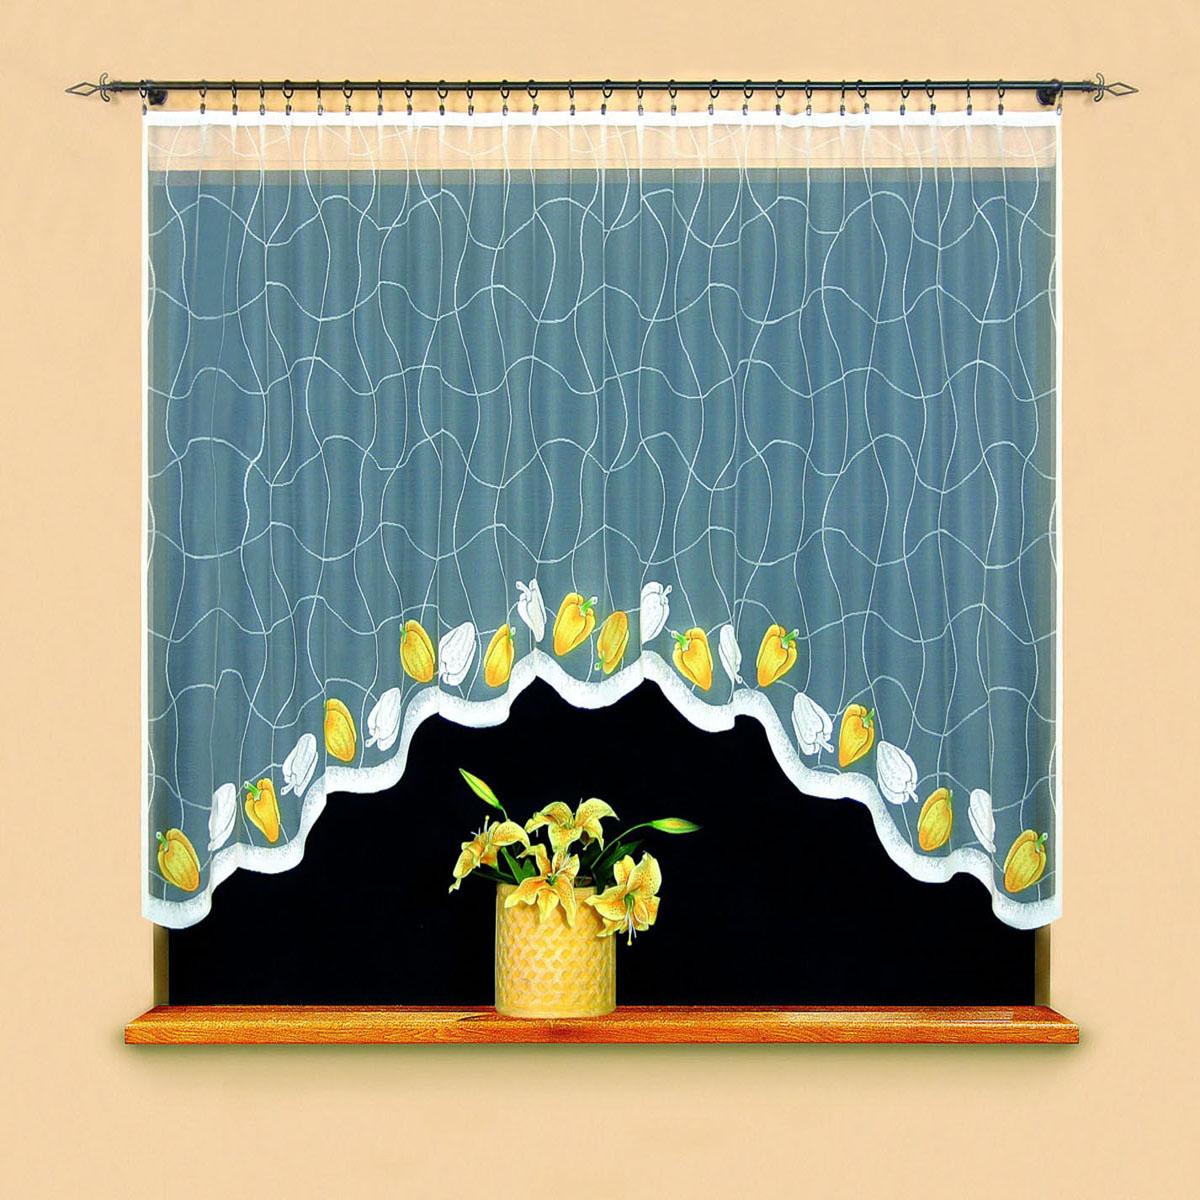 Гардина Wisan, цвет: белый, ширина 220 см, высота 120 см. 95069506вид крепления - под зажимы для шторРазмеры: 220*120